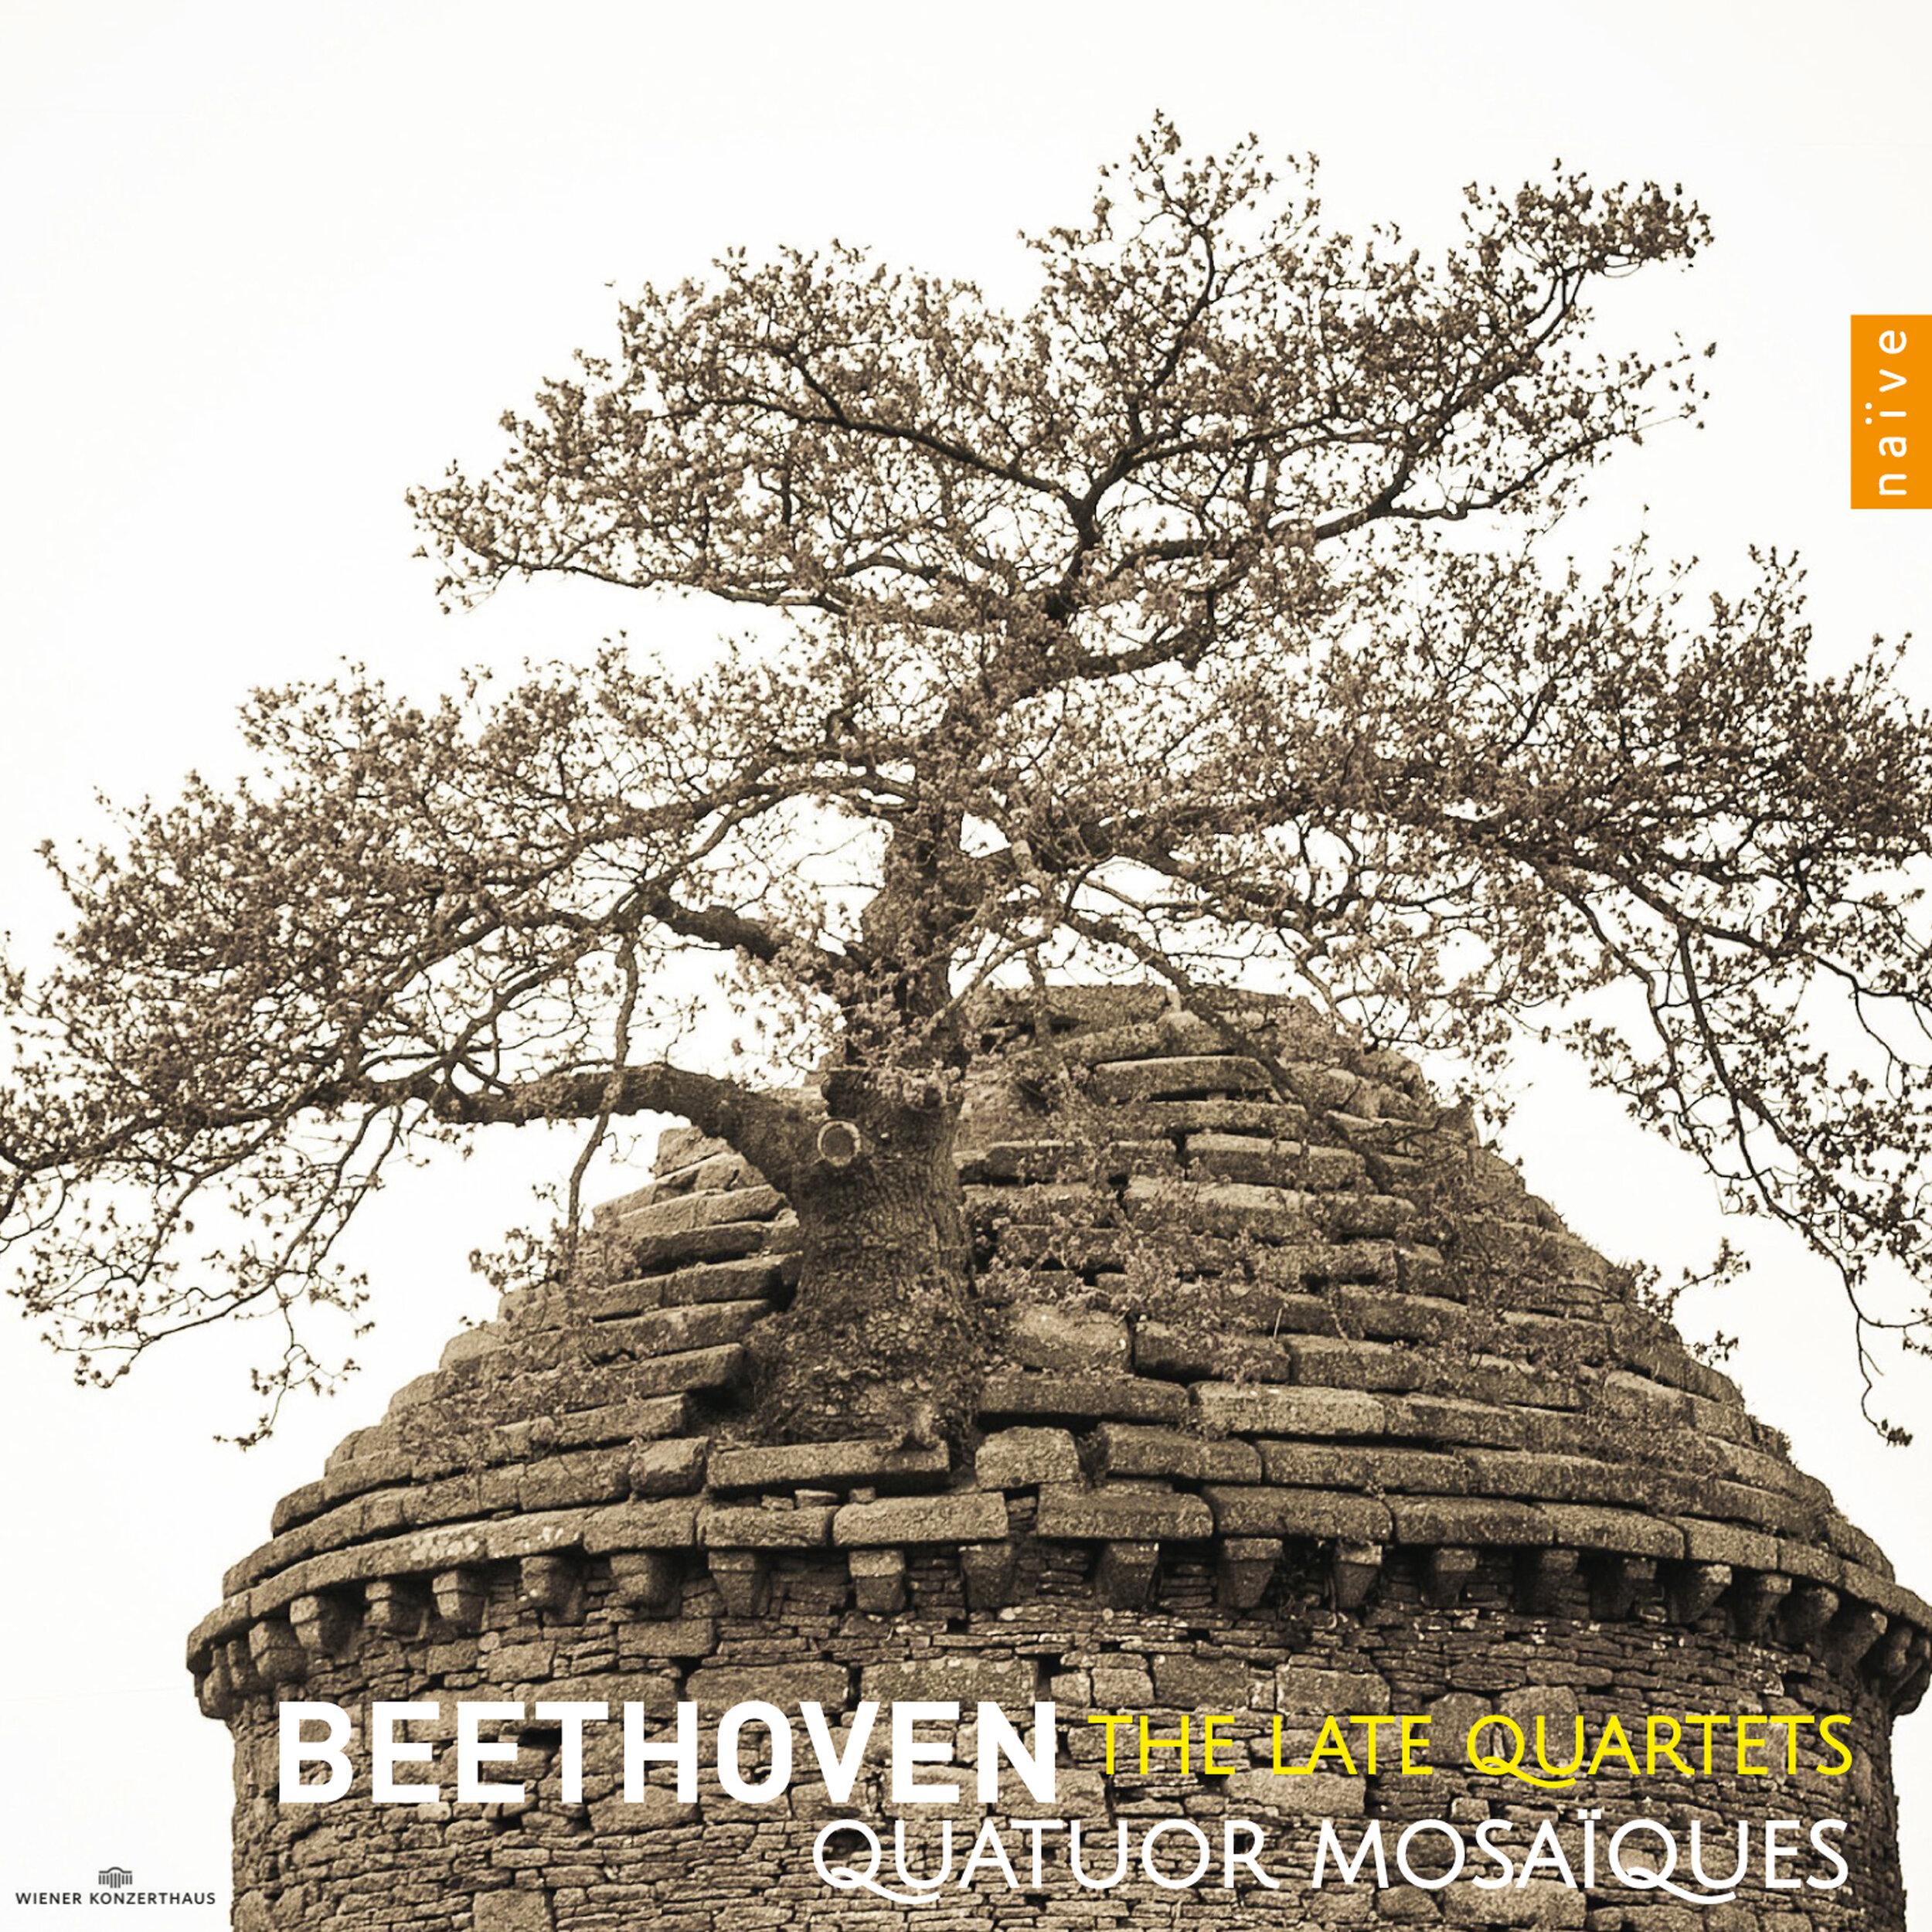 V5445 Beethoven late quartets Quatuor Mosa?ques 3000x3000.jpg